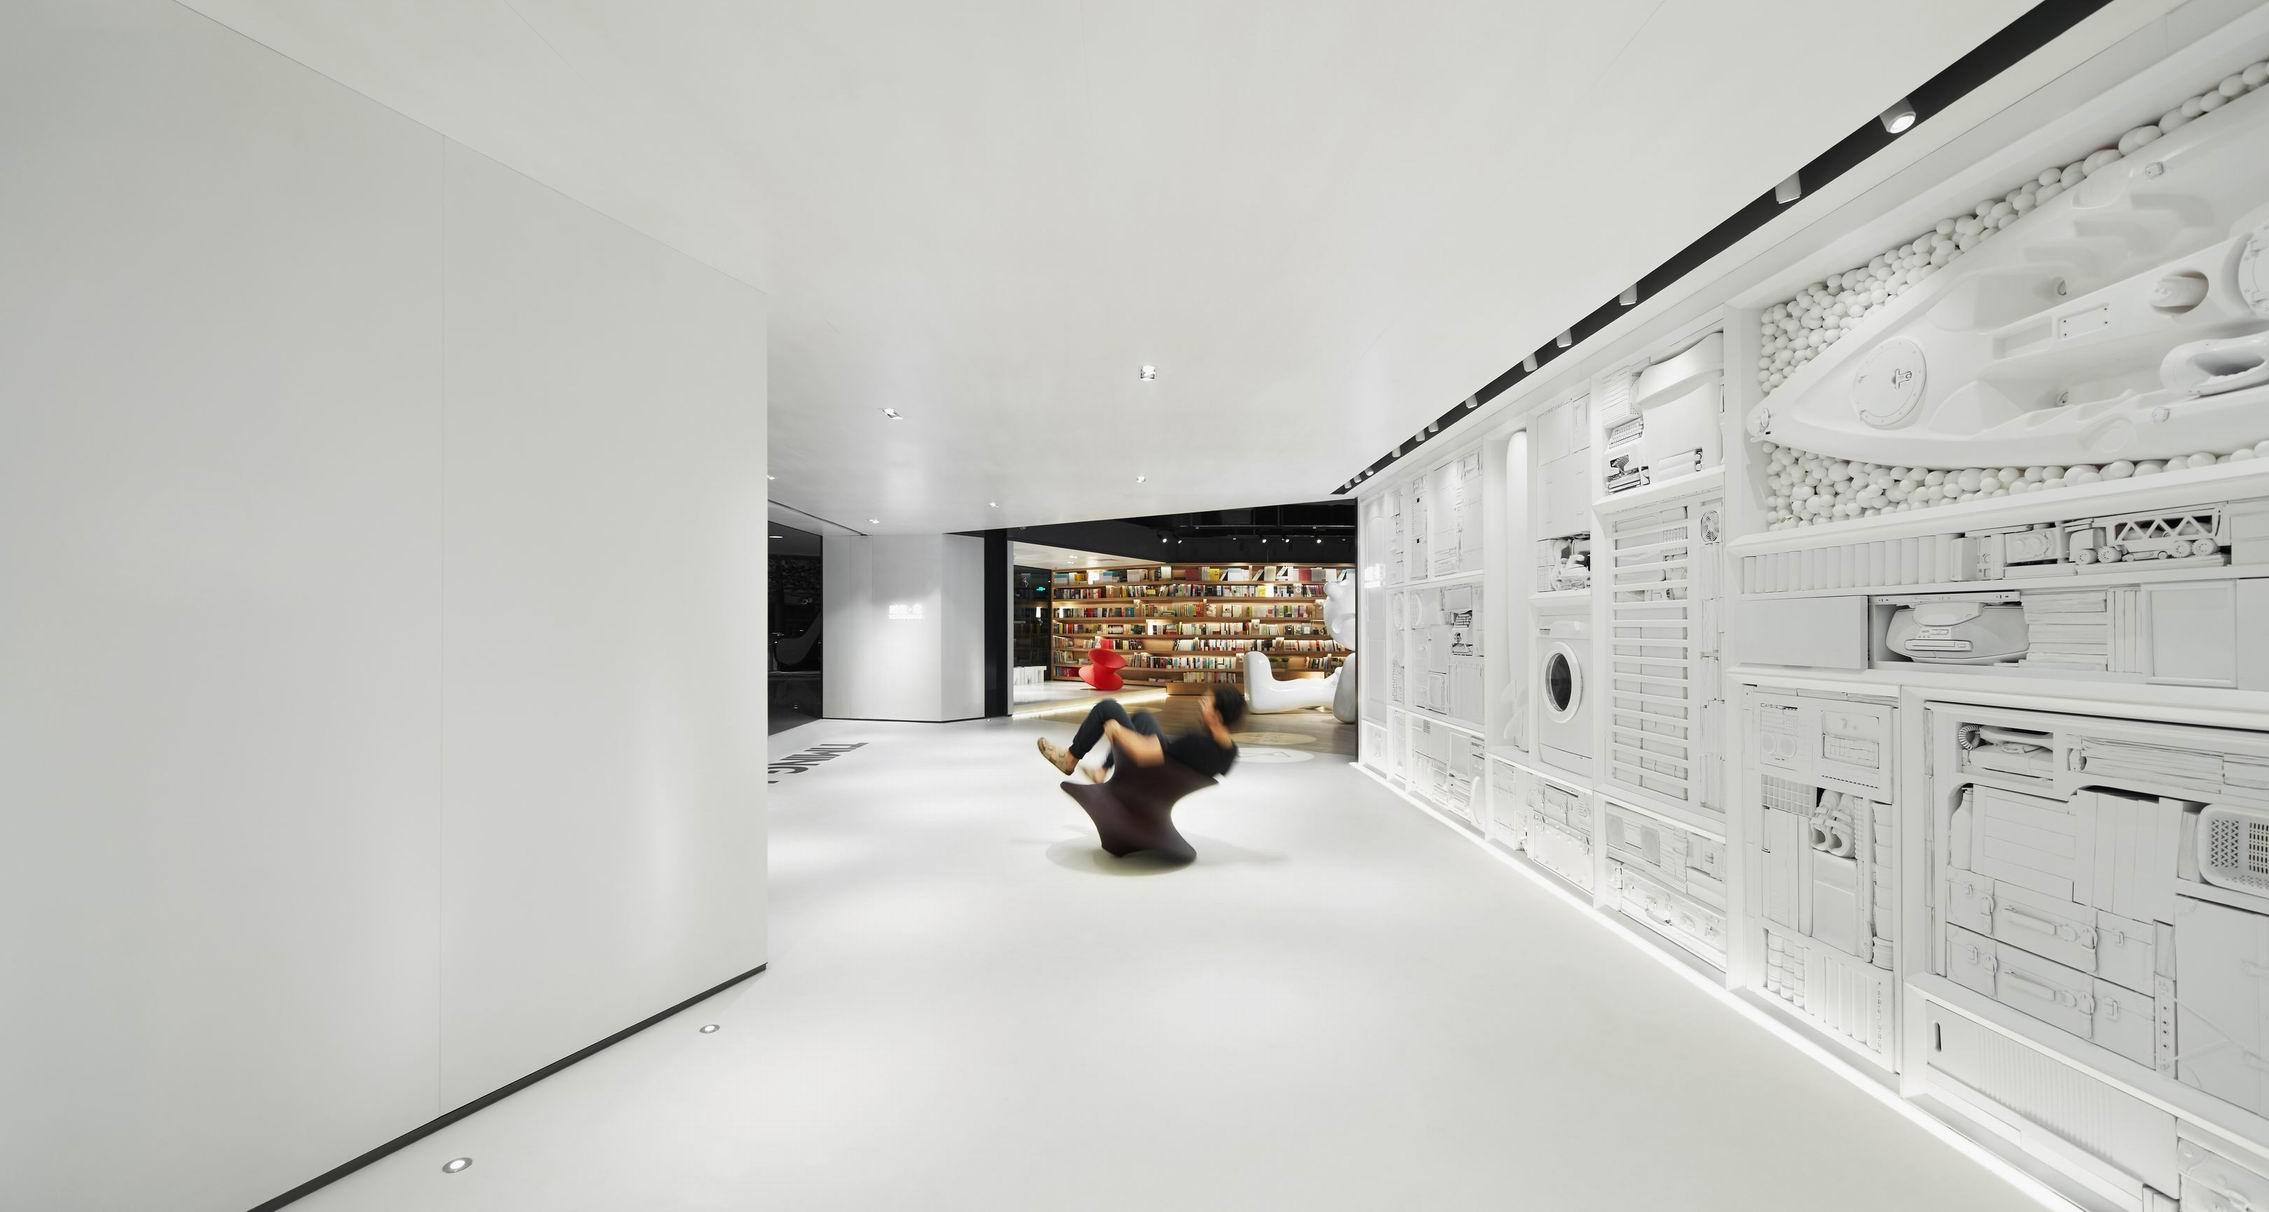 但所有家具是可移动的,可延展的空间形态包括文化沙龙,艺术展览,学术图片